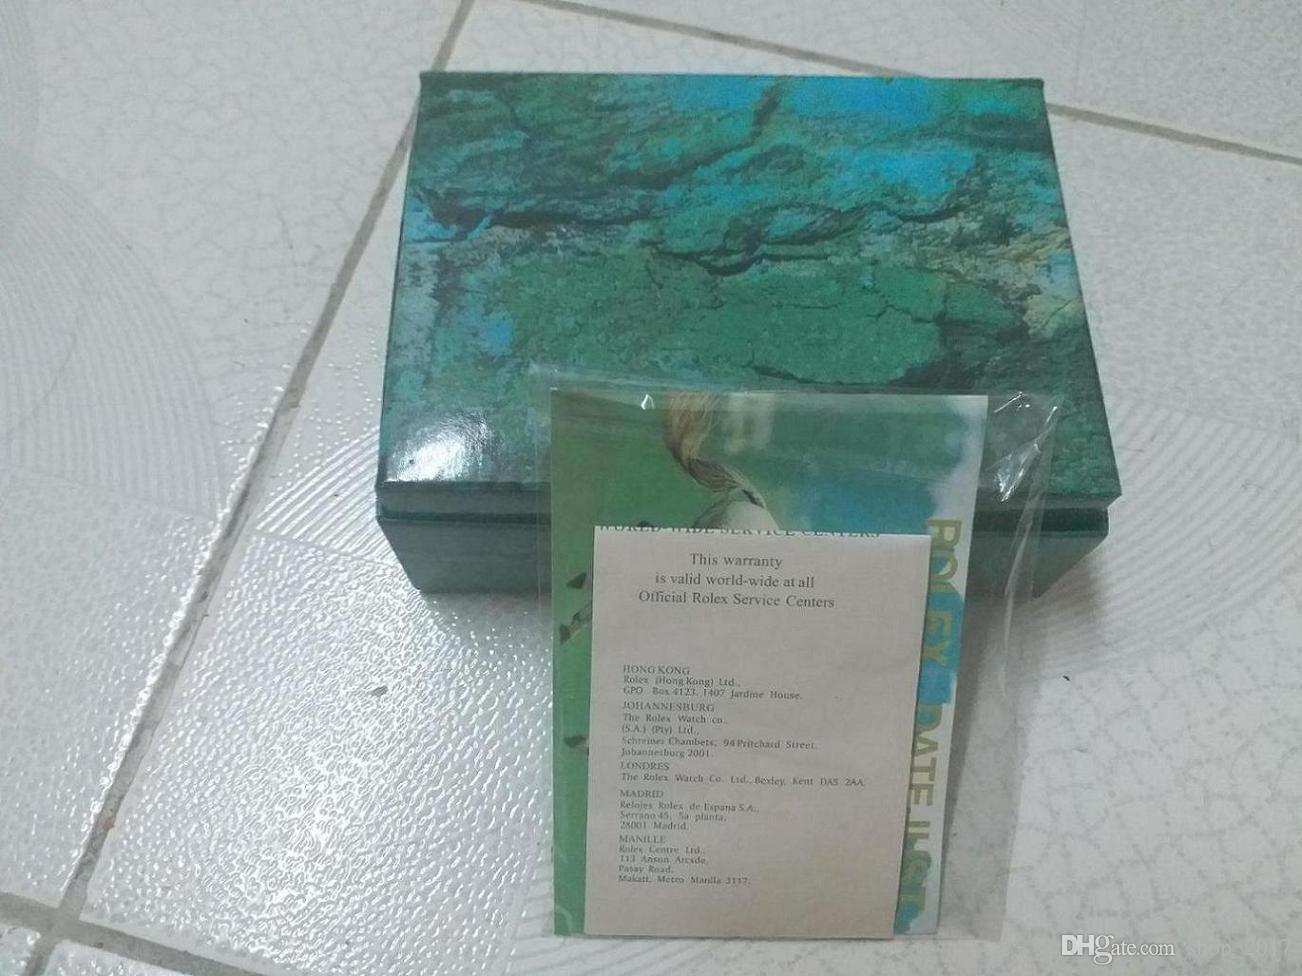 무료 배송 남성용 롤렉스 시계 명품 남성용 시계 시계 남성 박스 시계 원래 상자 시계 남성용 시계 여성용 시계 상자 소책자